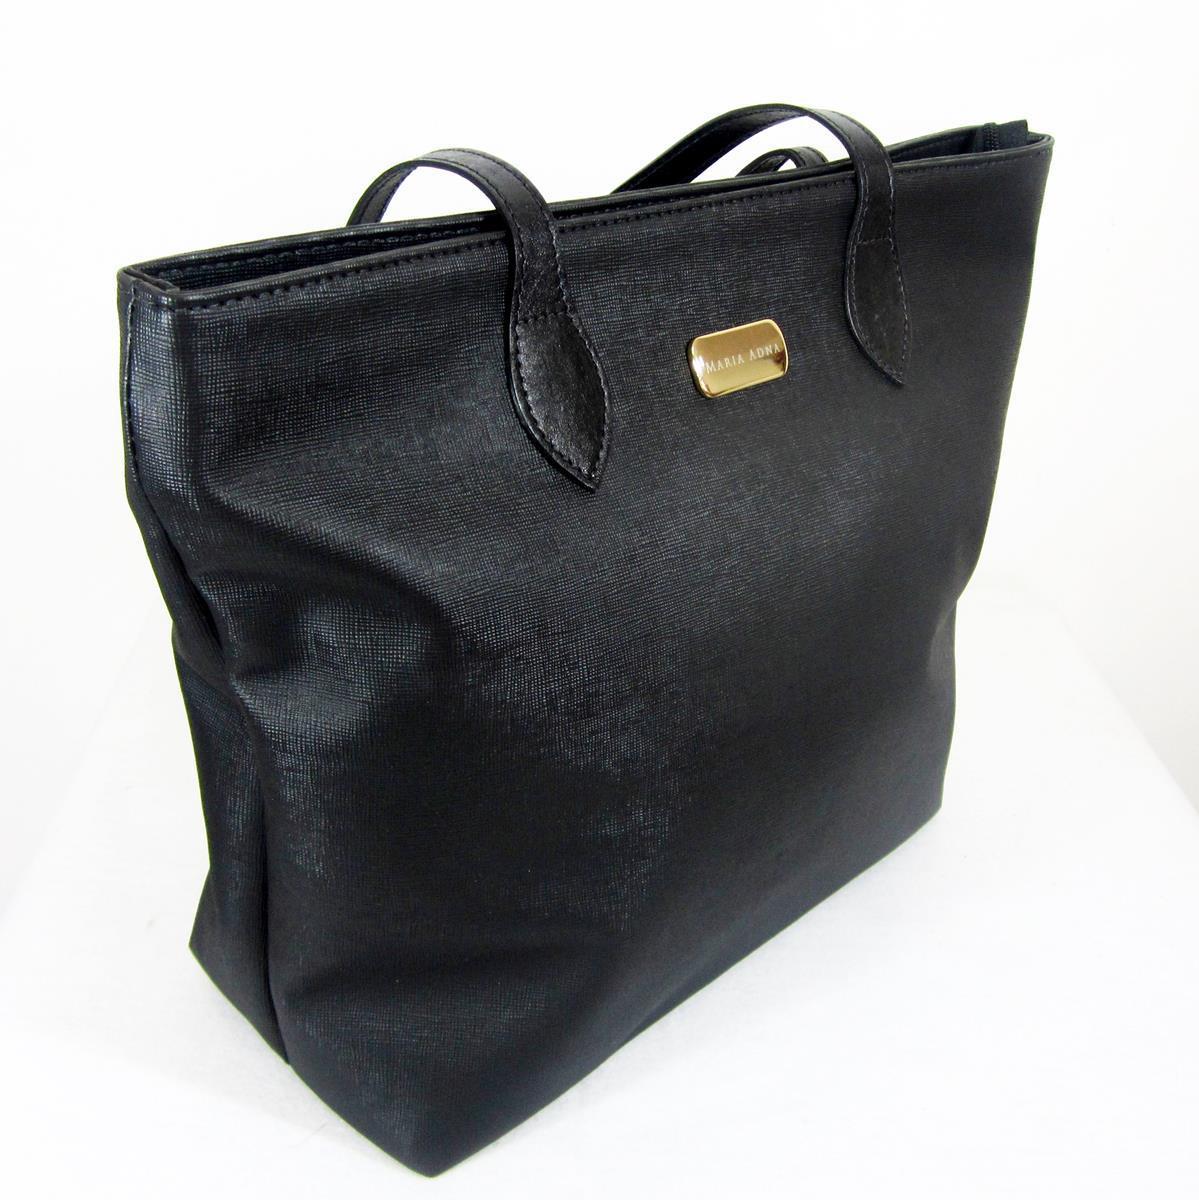 5be1c3454 Bolsa tiracolo/mão em material sintético com alças em couro maria adna R$  135,00 à vista. Adicionar à sacola